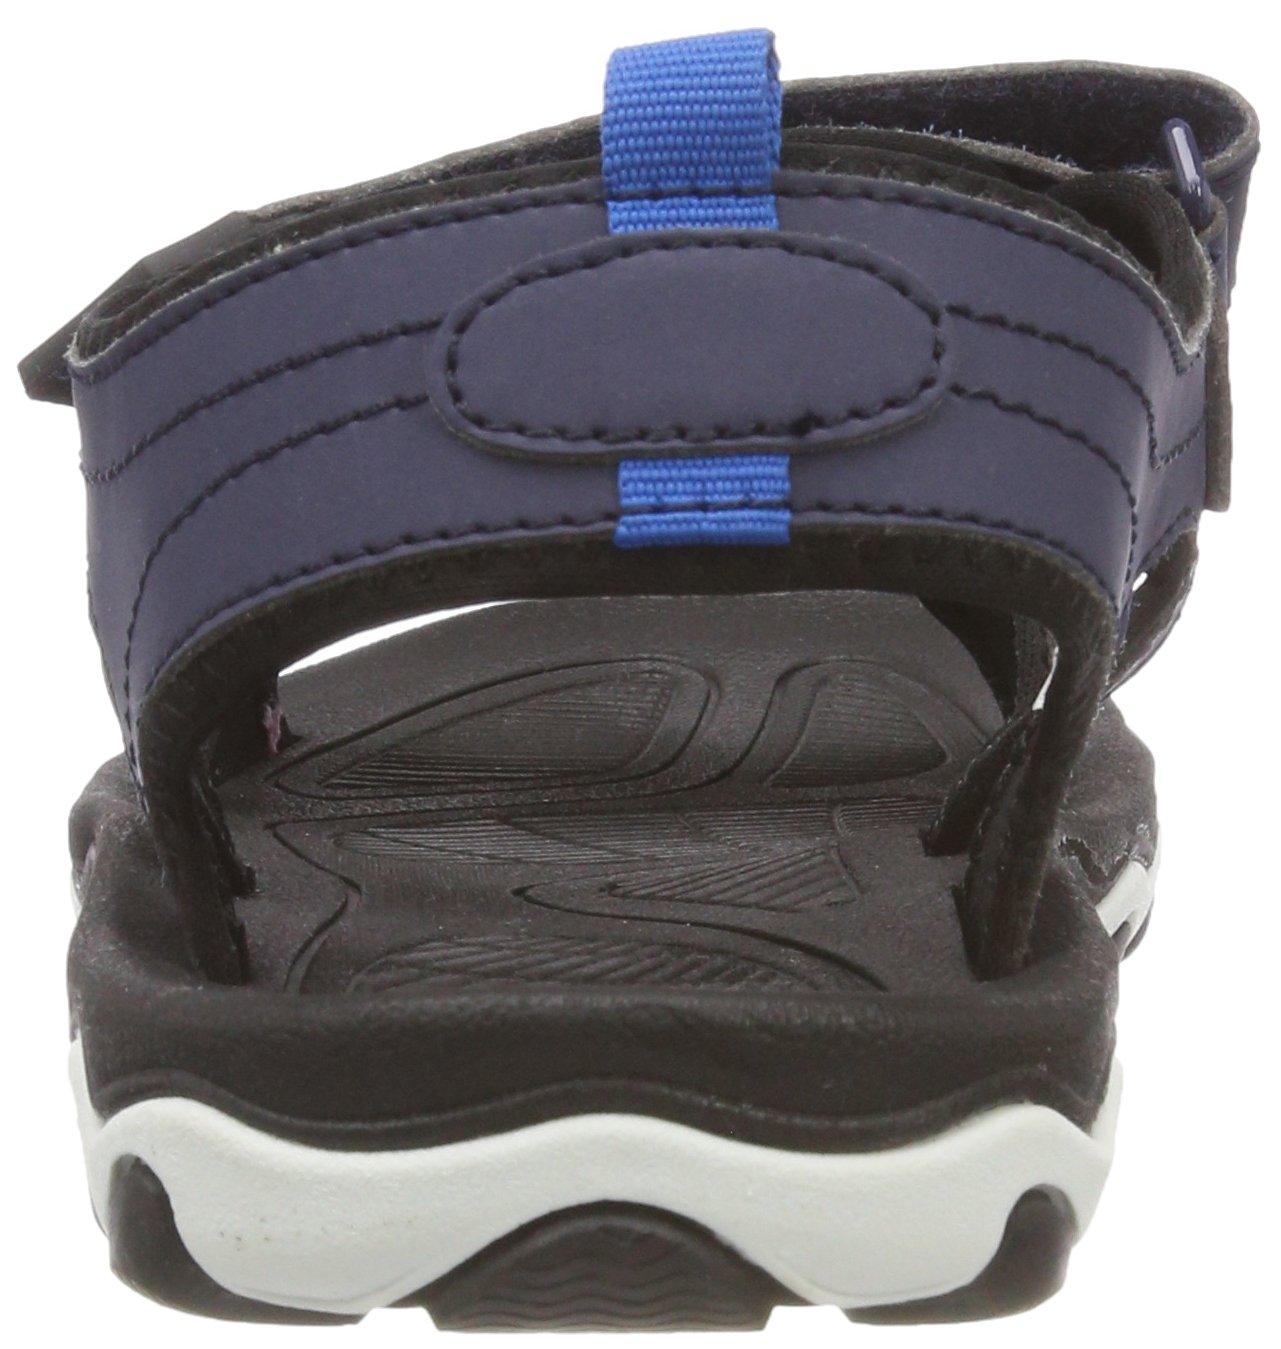 Hummel Kids Sport Sandals, Peacoat, 64-515-7666 (2.5 US) by Hummel (Image #2)